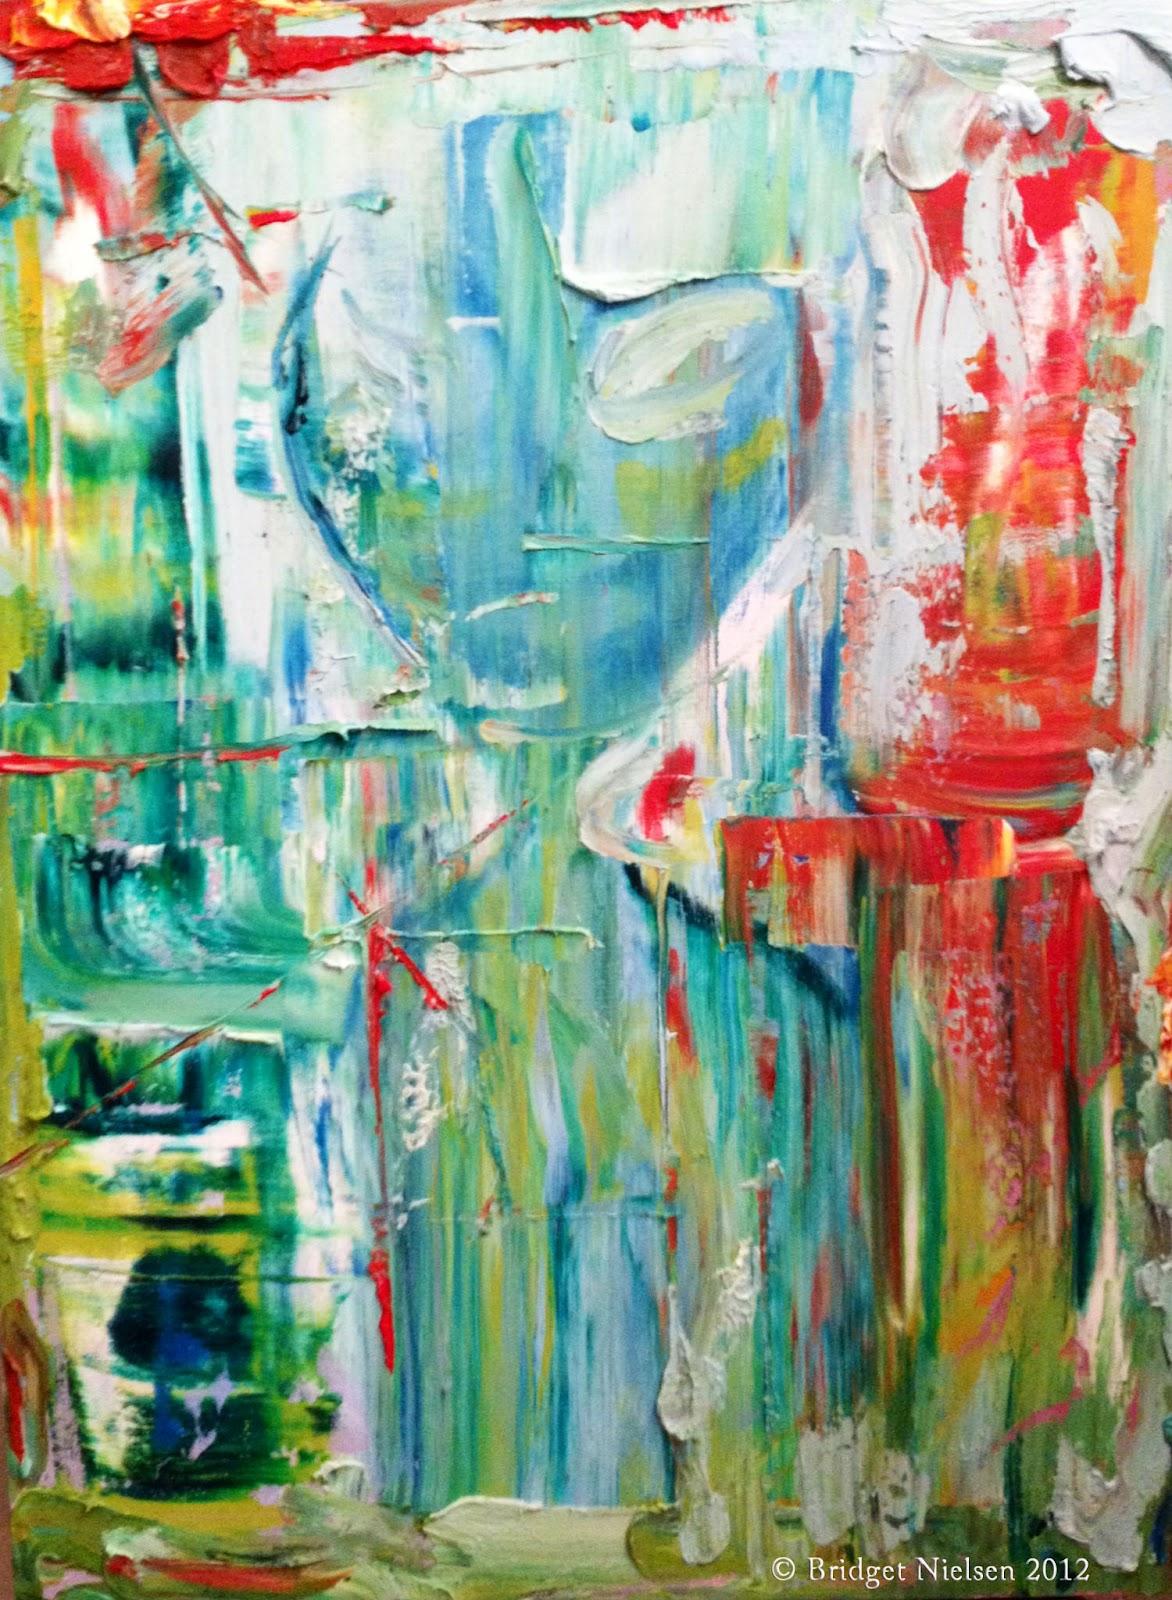 Abstract Grey (Zeta Reticuli) by Bridget Nielsen